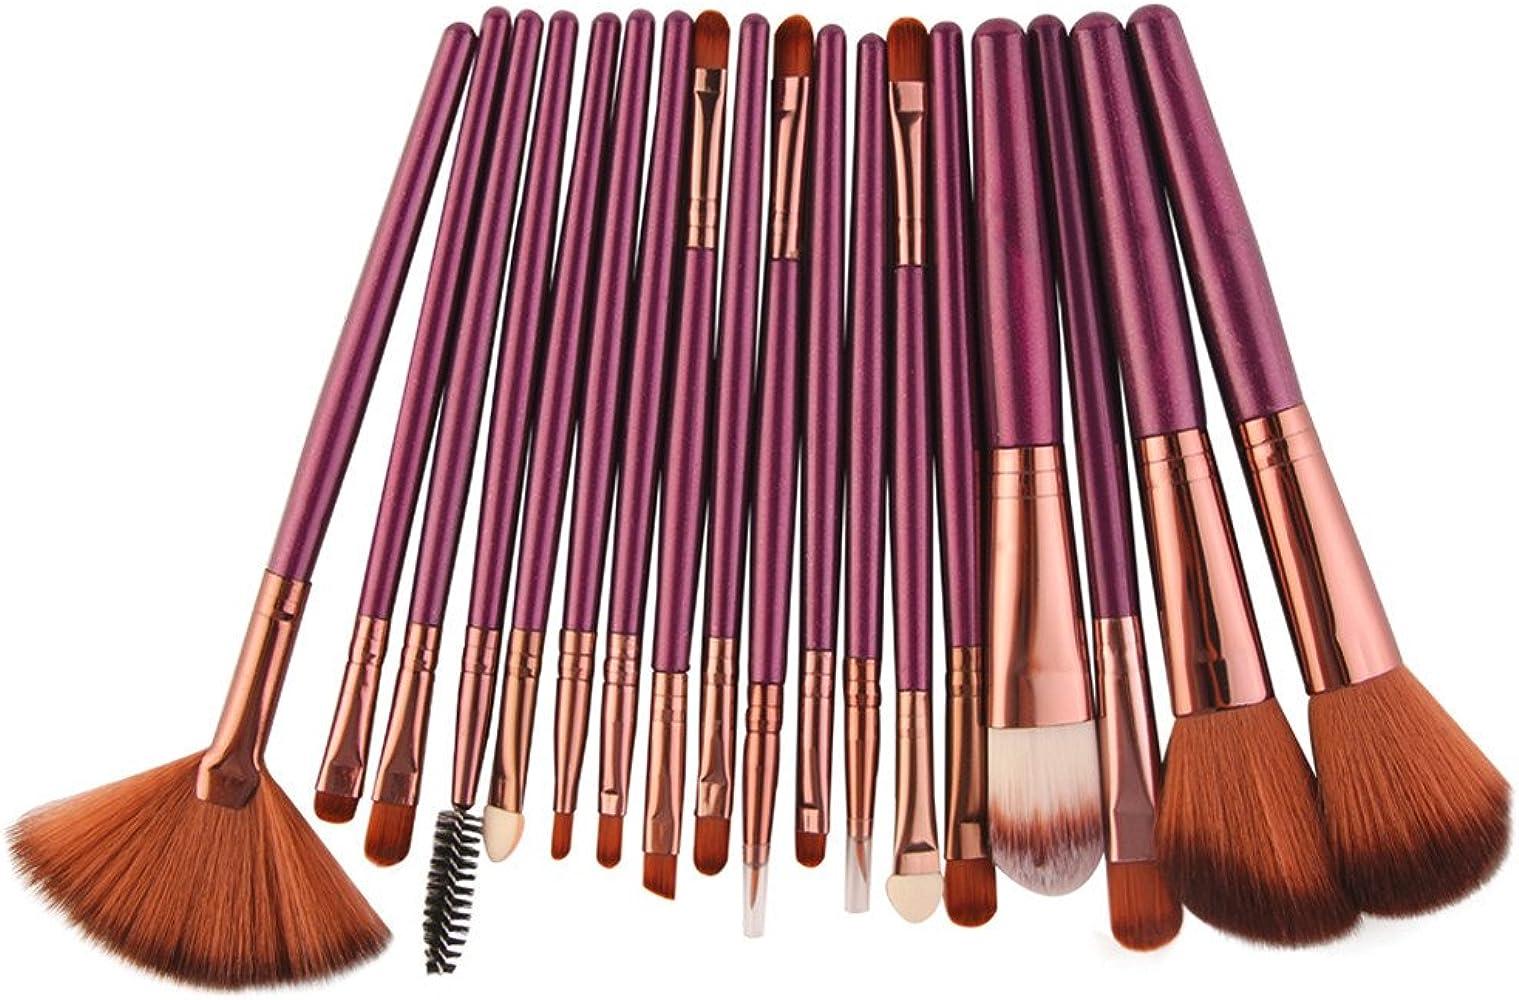 Cepillo de Maquillaje, YpingLonk Brochas de Maquillaje 22 Piezas Set de Brochas de Maquillaje de Maquillaje para Las Facial y Cejas y Labios Cerdas Sintéticas Suaves: Amazon.es: Ropa y accesorios